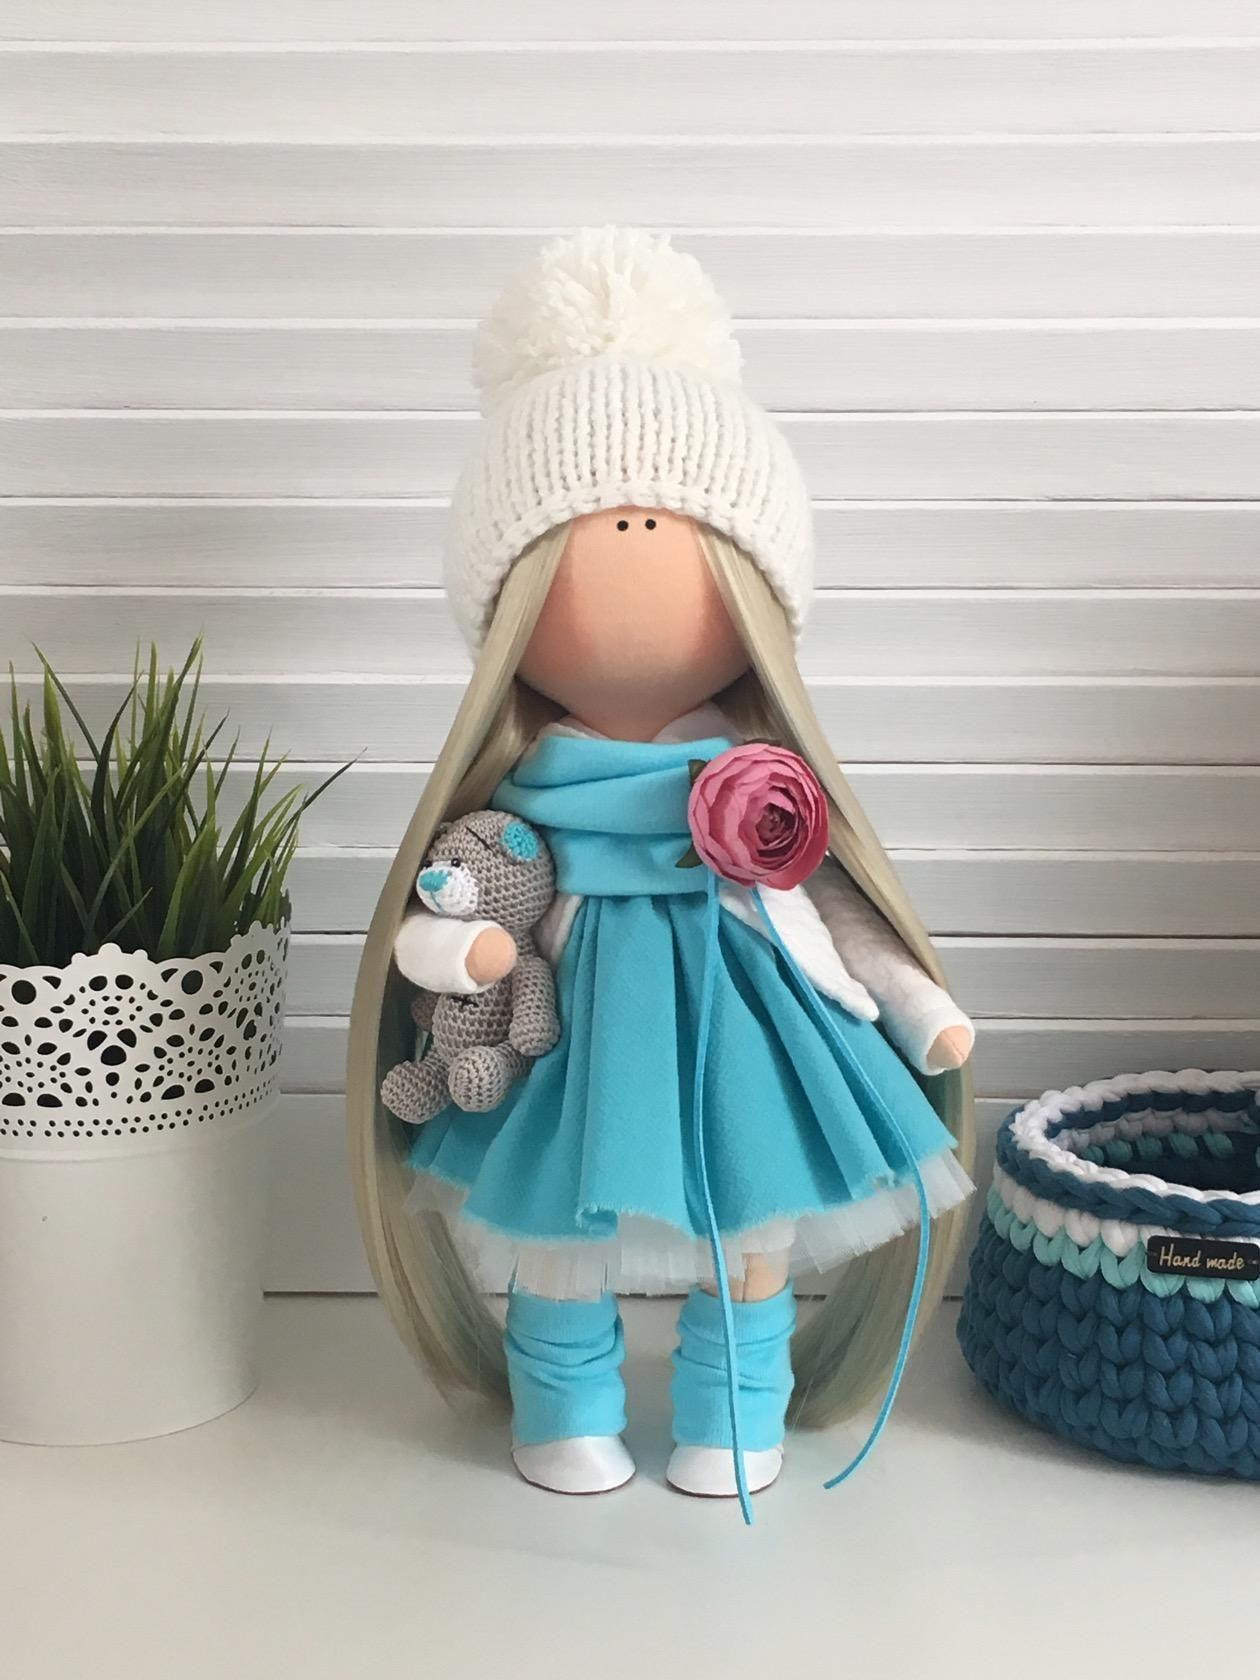 прикол про кукла долли своими руками мастер класс печь всем правилам